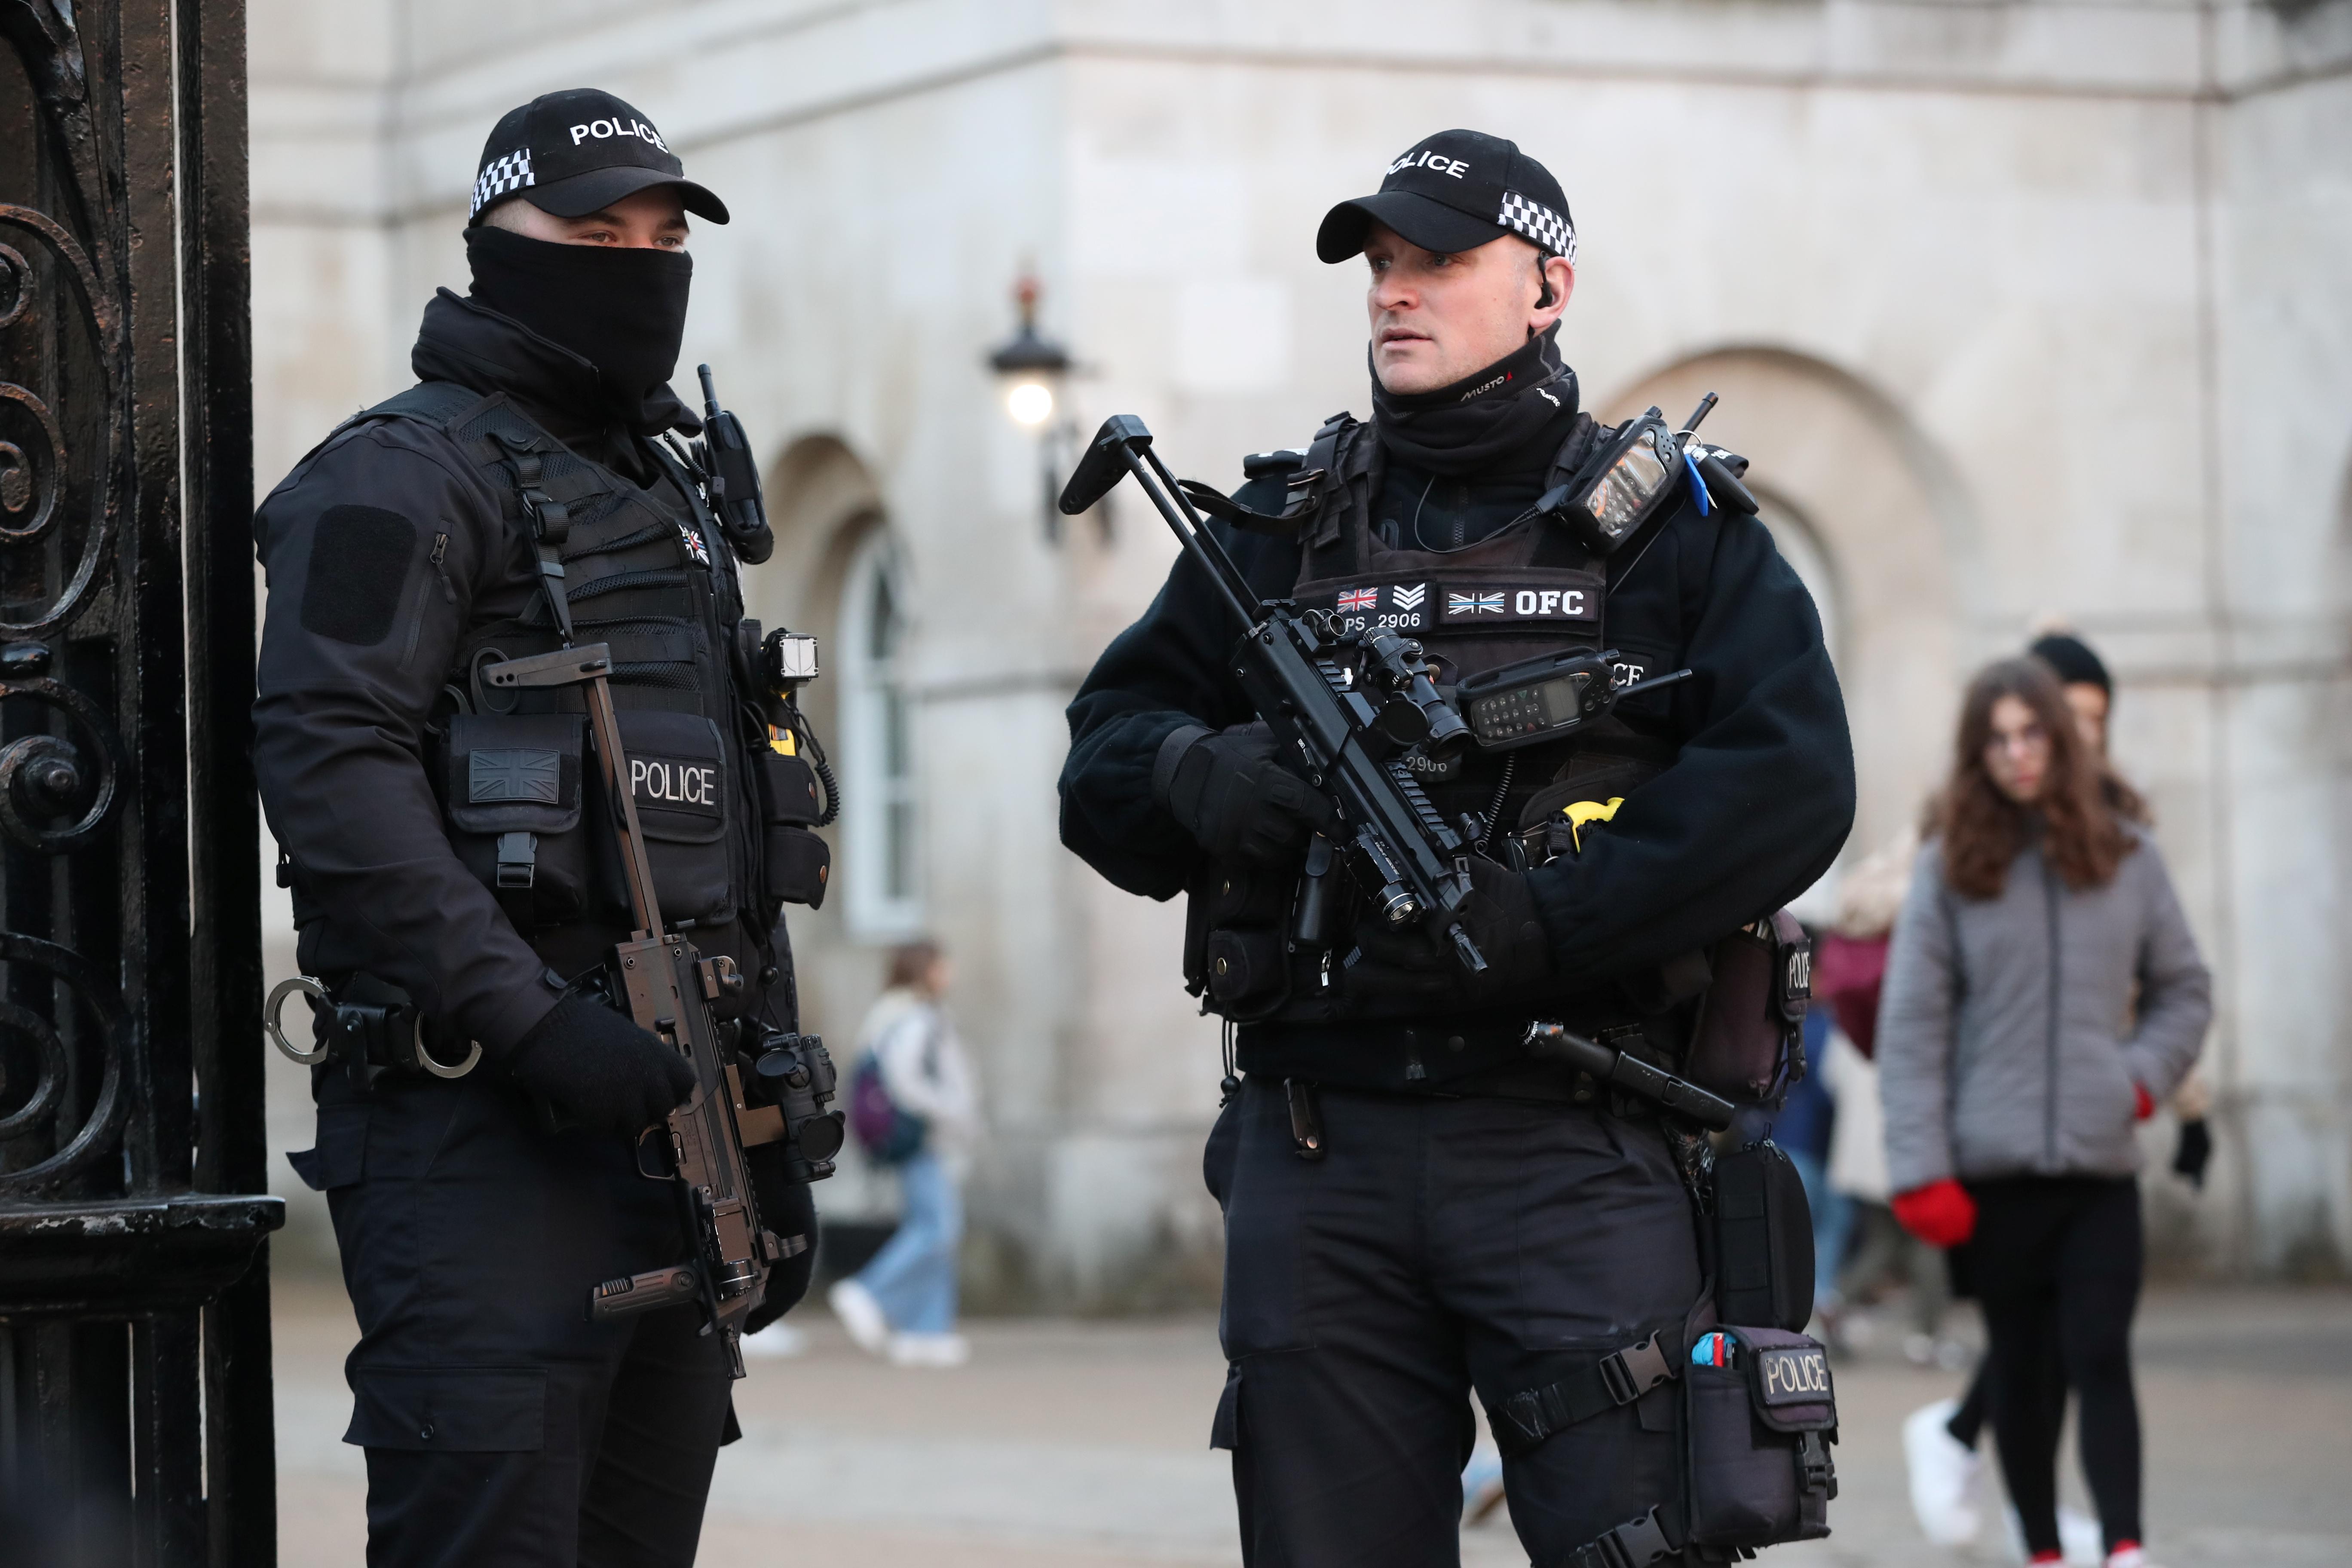 Βρετανία: Στο εδώλιο δυο αστυνομικοί – Έβγαλαν σέλφι με φόντο πτώματα δολοφονίας